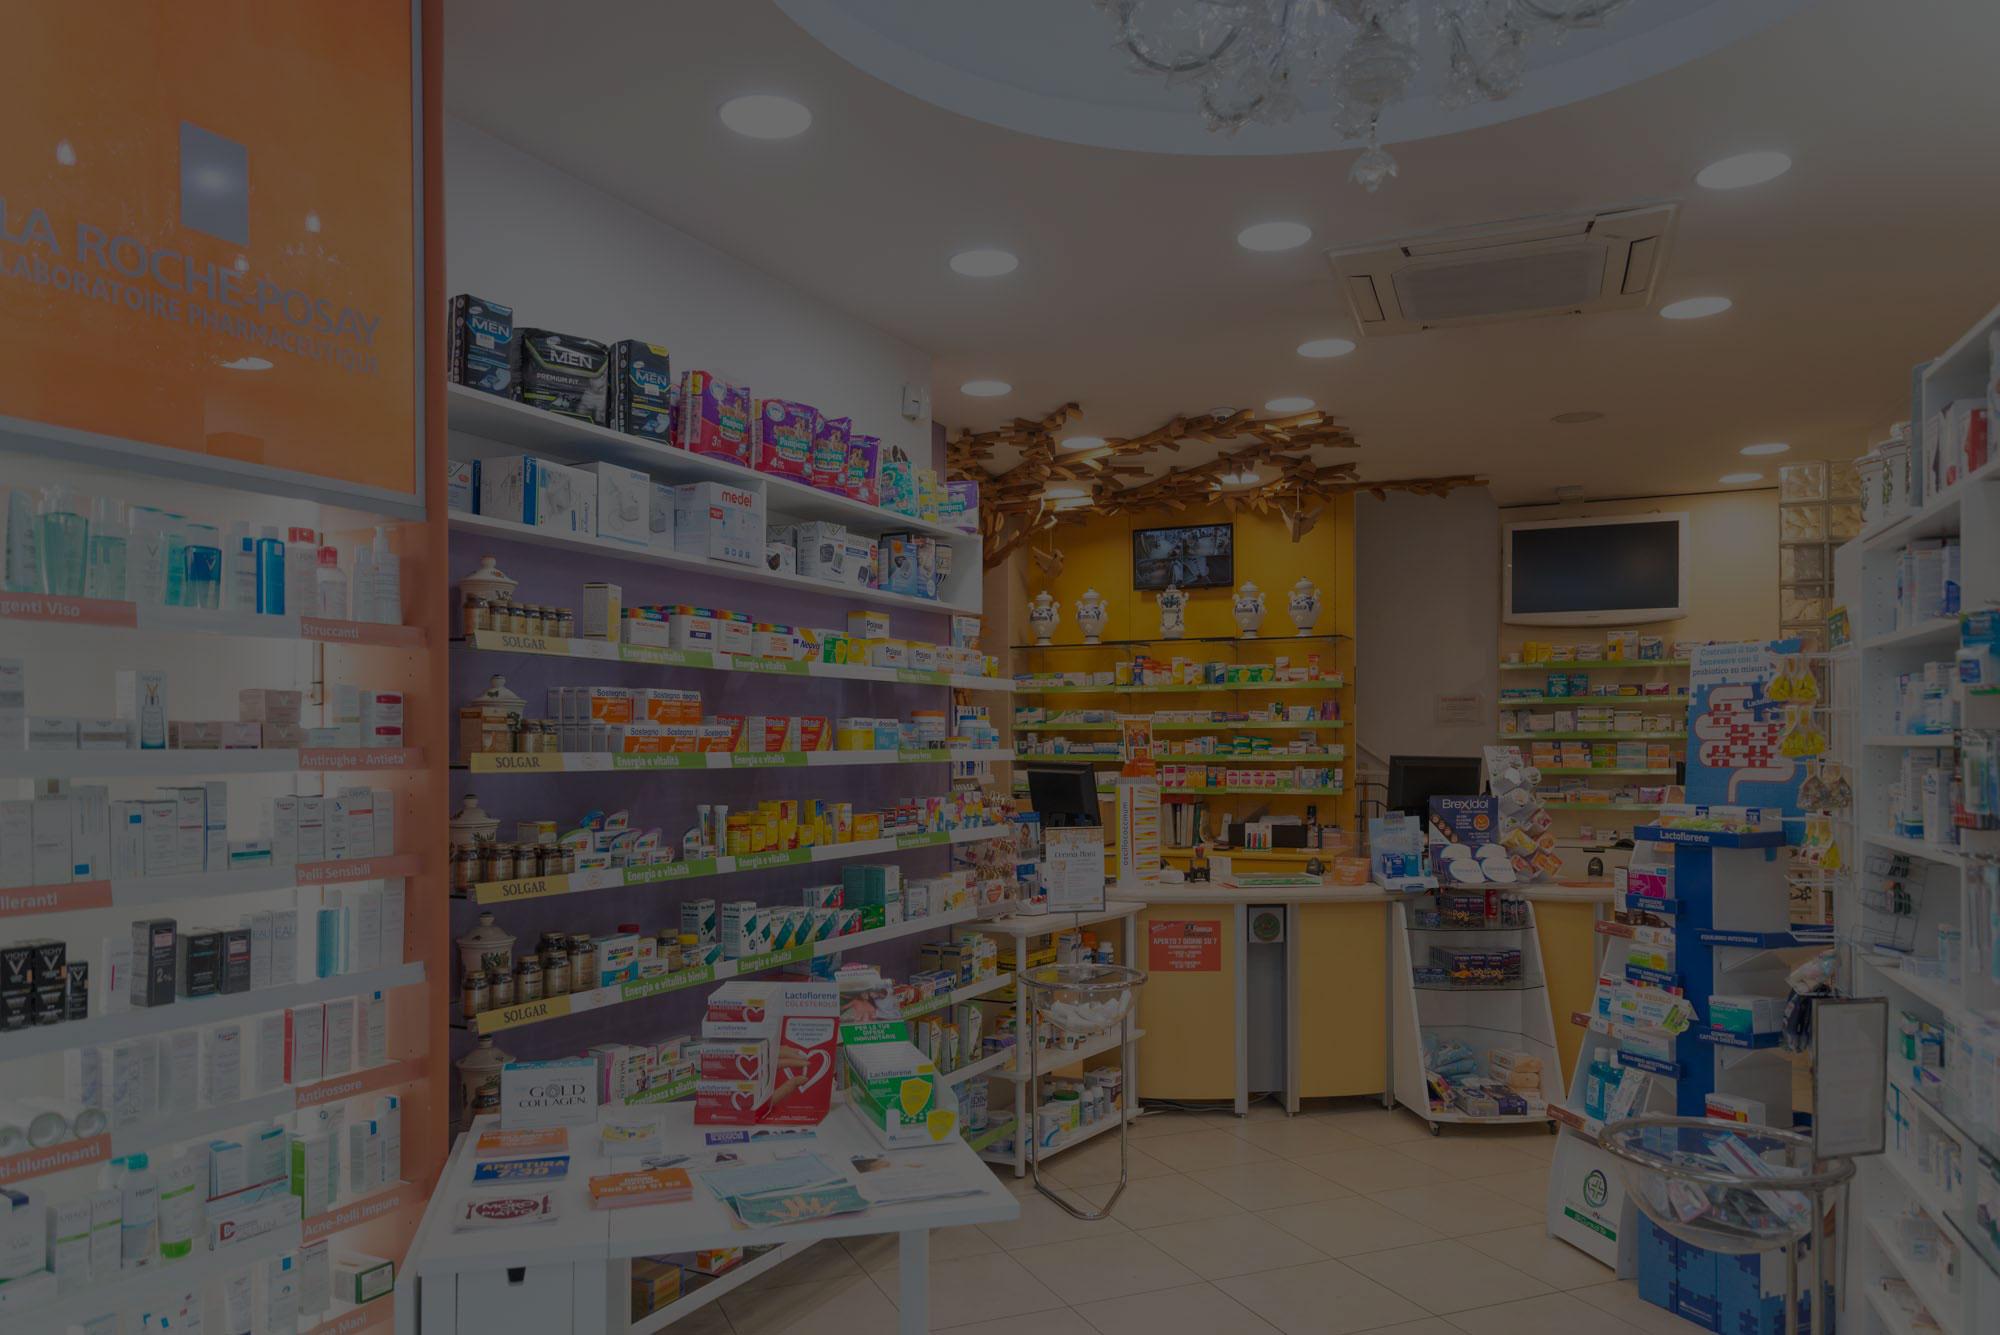 interni-farmacia-cavalcaselle-apoteke-farmacy-Ponti-Monzanbano-Sirmione-Pacengo-Lazise-Salionze-Valeggio-Castelnuovo-del-Garda-Peschiera-del-garda